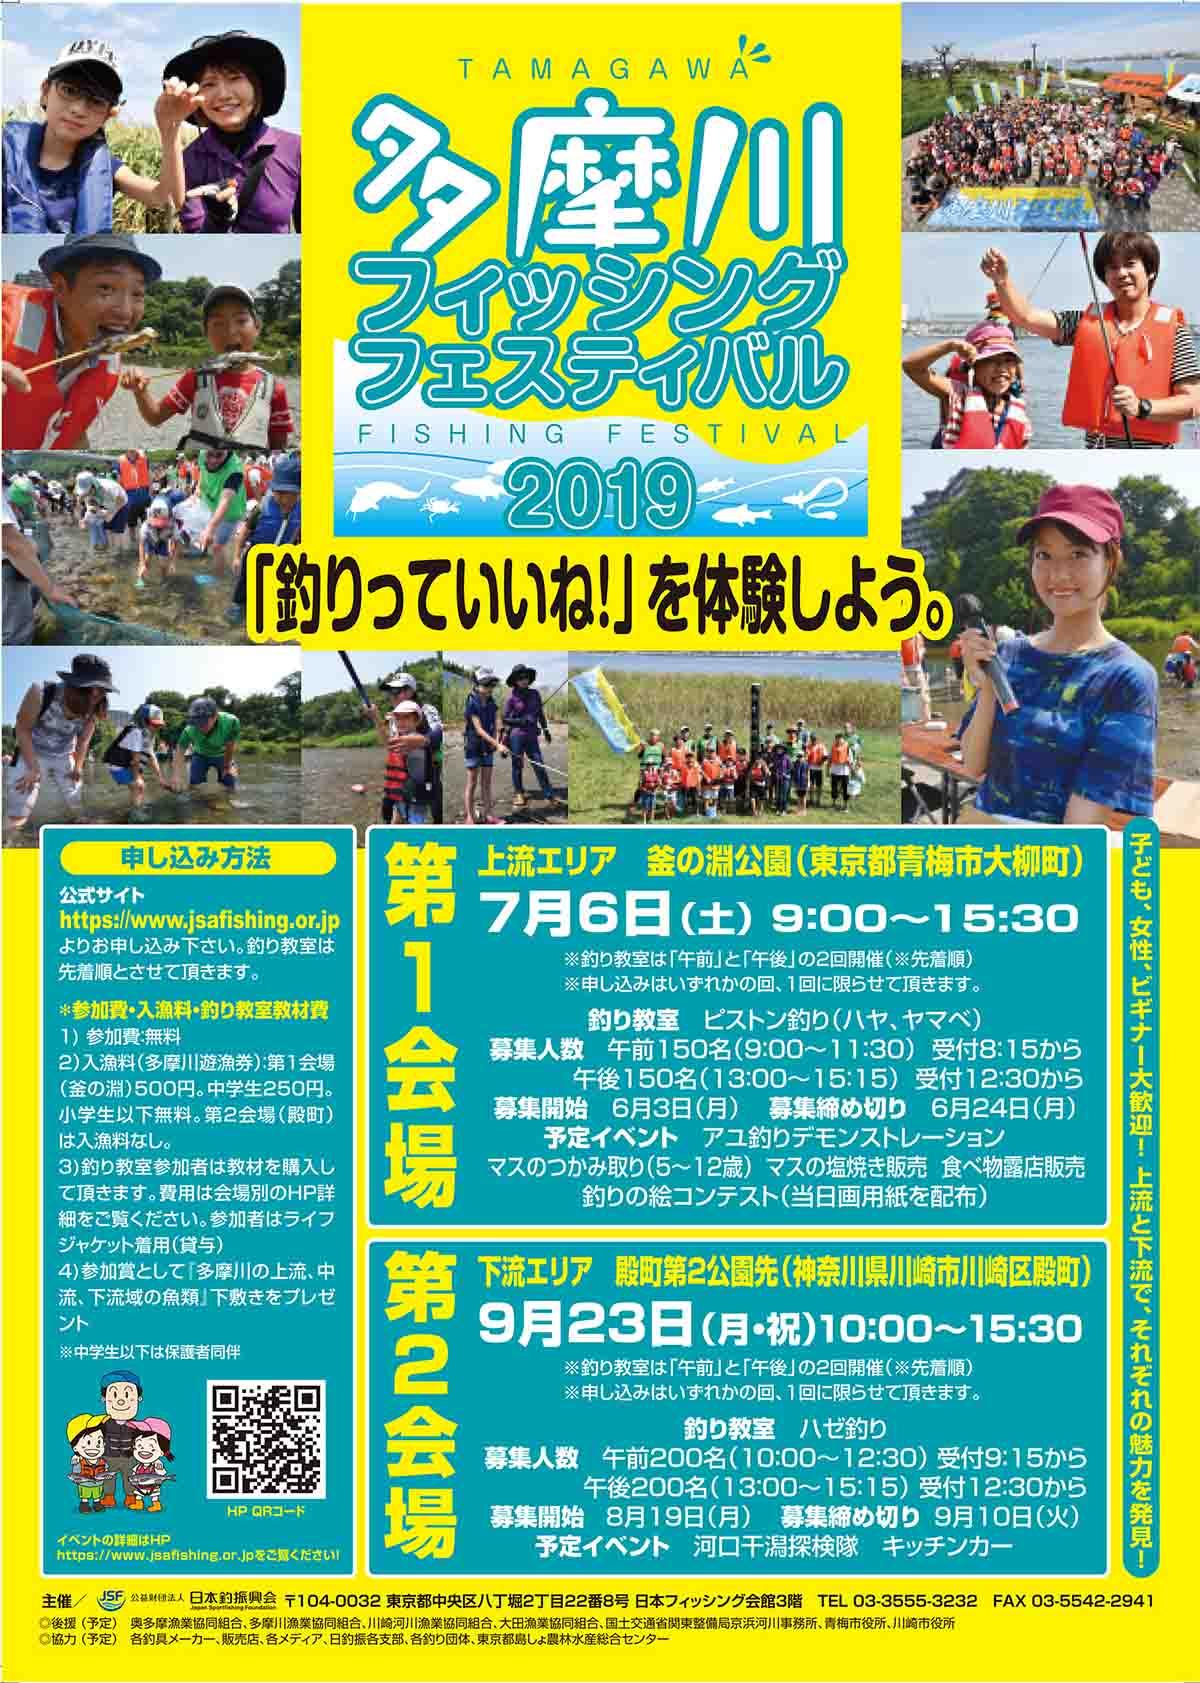 多摩川フィッシングフェスティバル 2019  19/7/6(土)_19/9/23(月・祝)